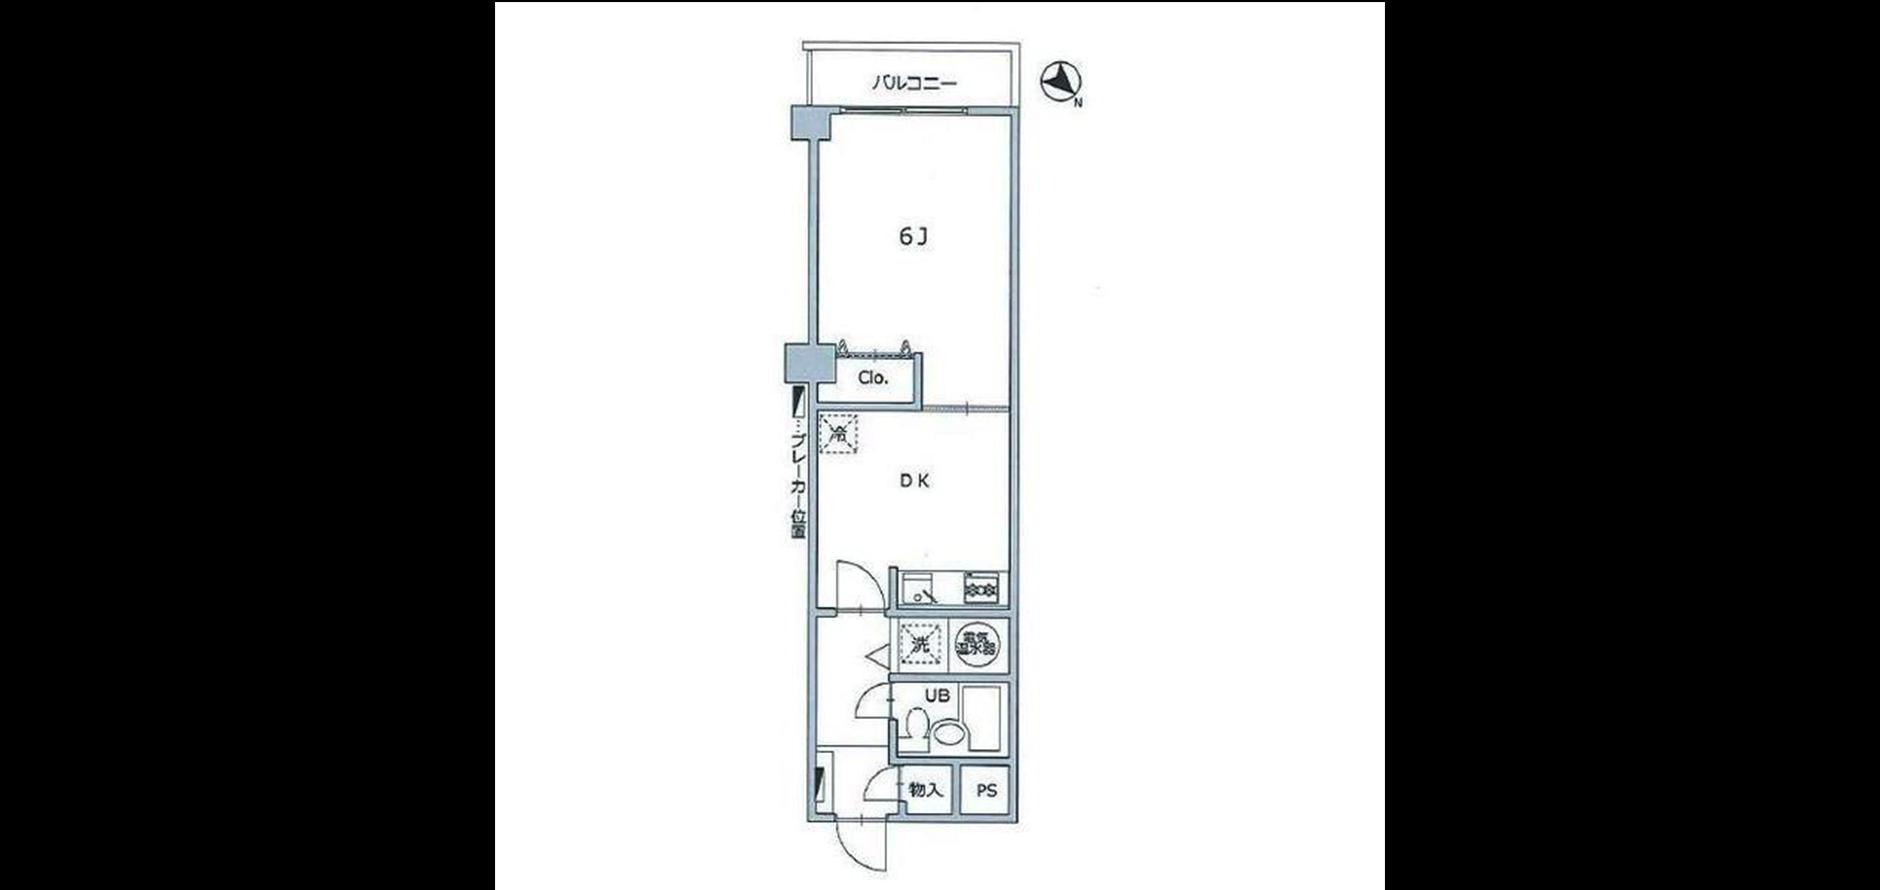 ライオンズステーションプラザ大塚第2 Floor Plan.jpg